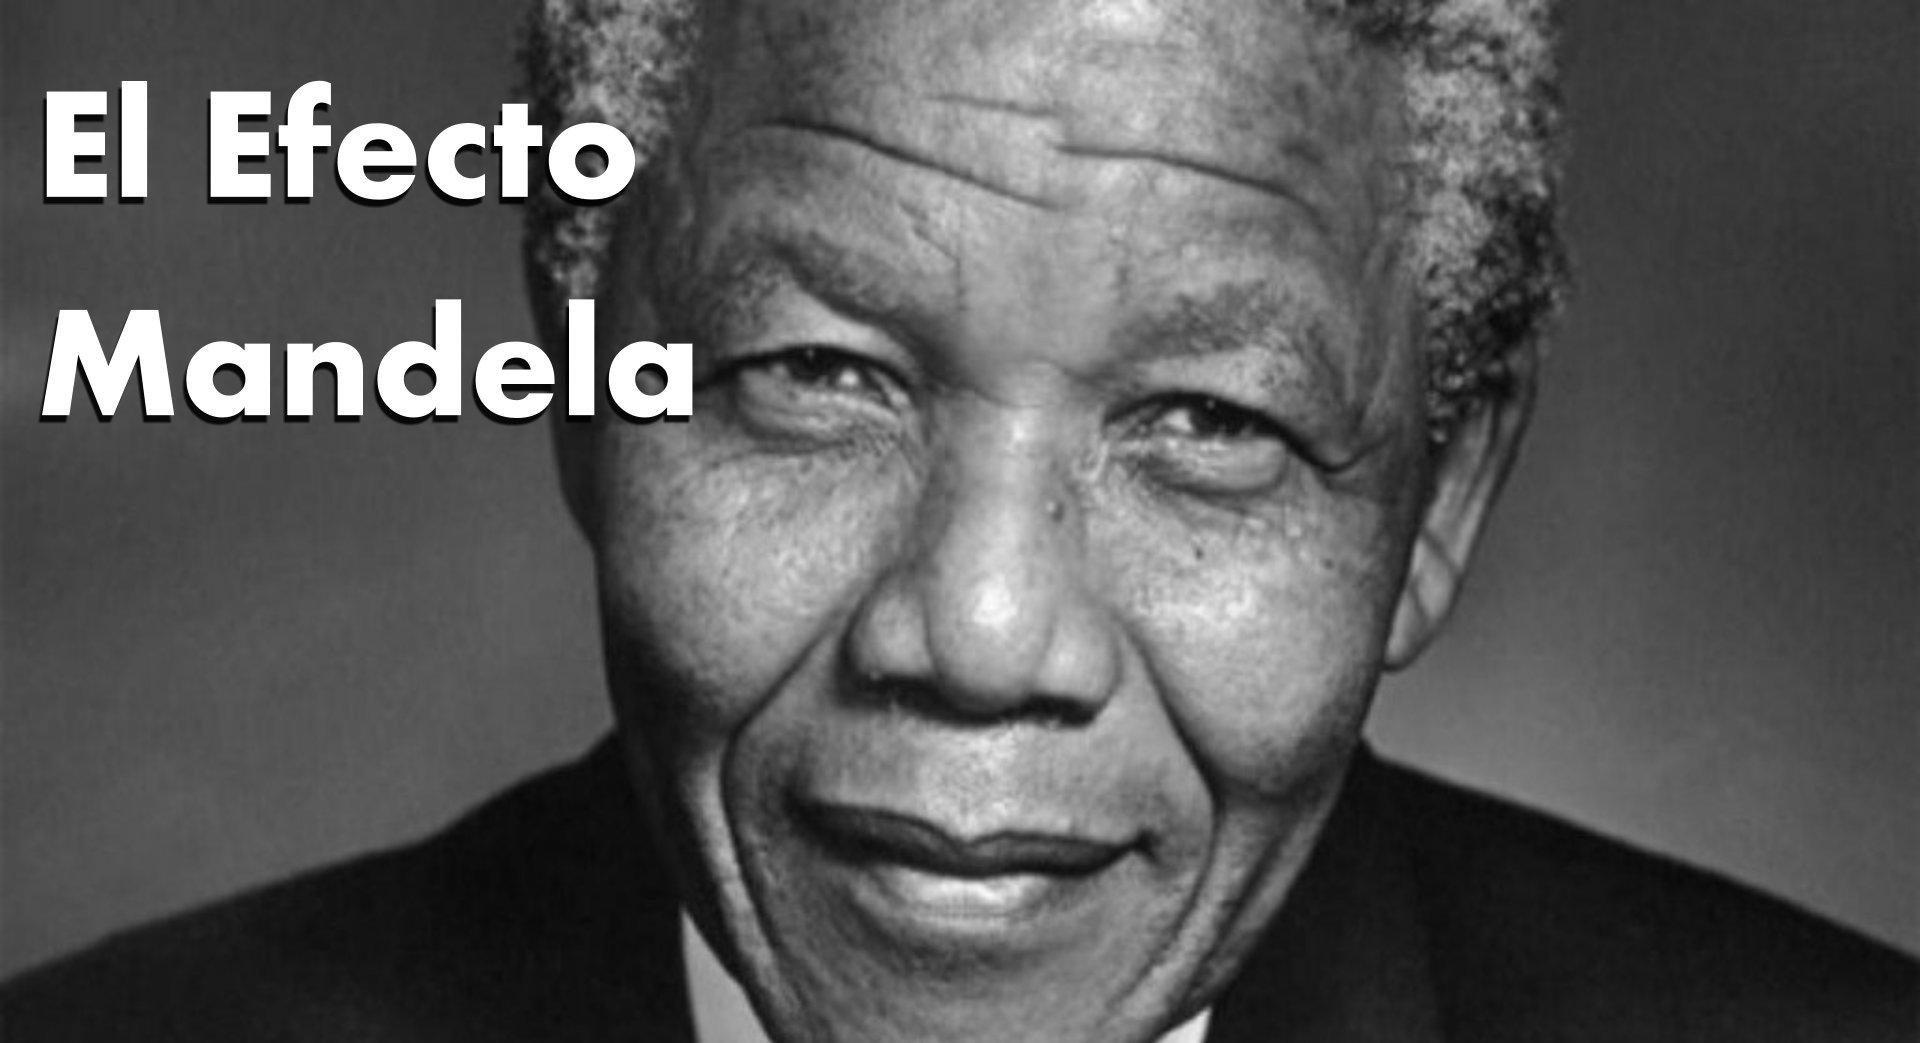 El efecto Mandela explicado y el mundo de los falsos recuerdos 4